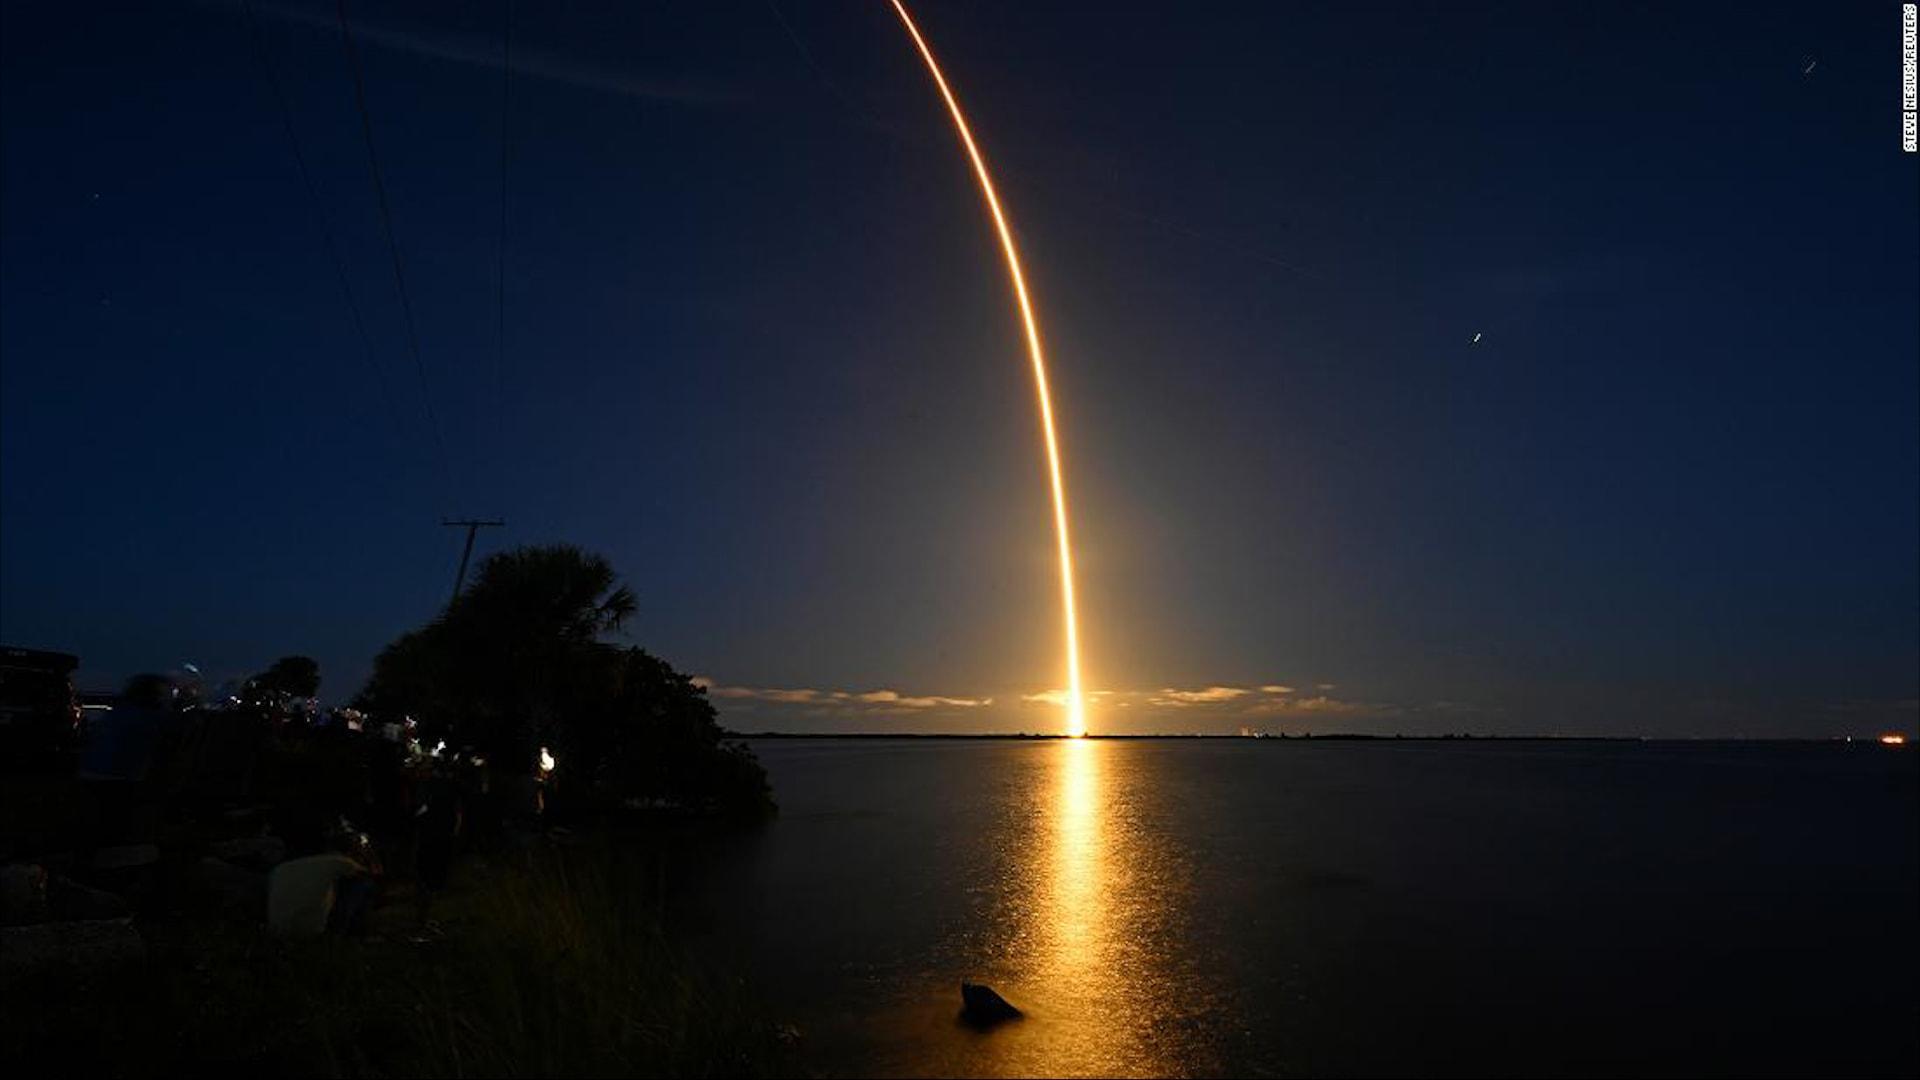 شاهد لحظة انطلاق أول رحلة للفضاء على متنها سياح دون رواد